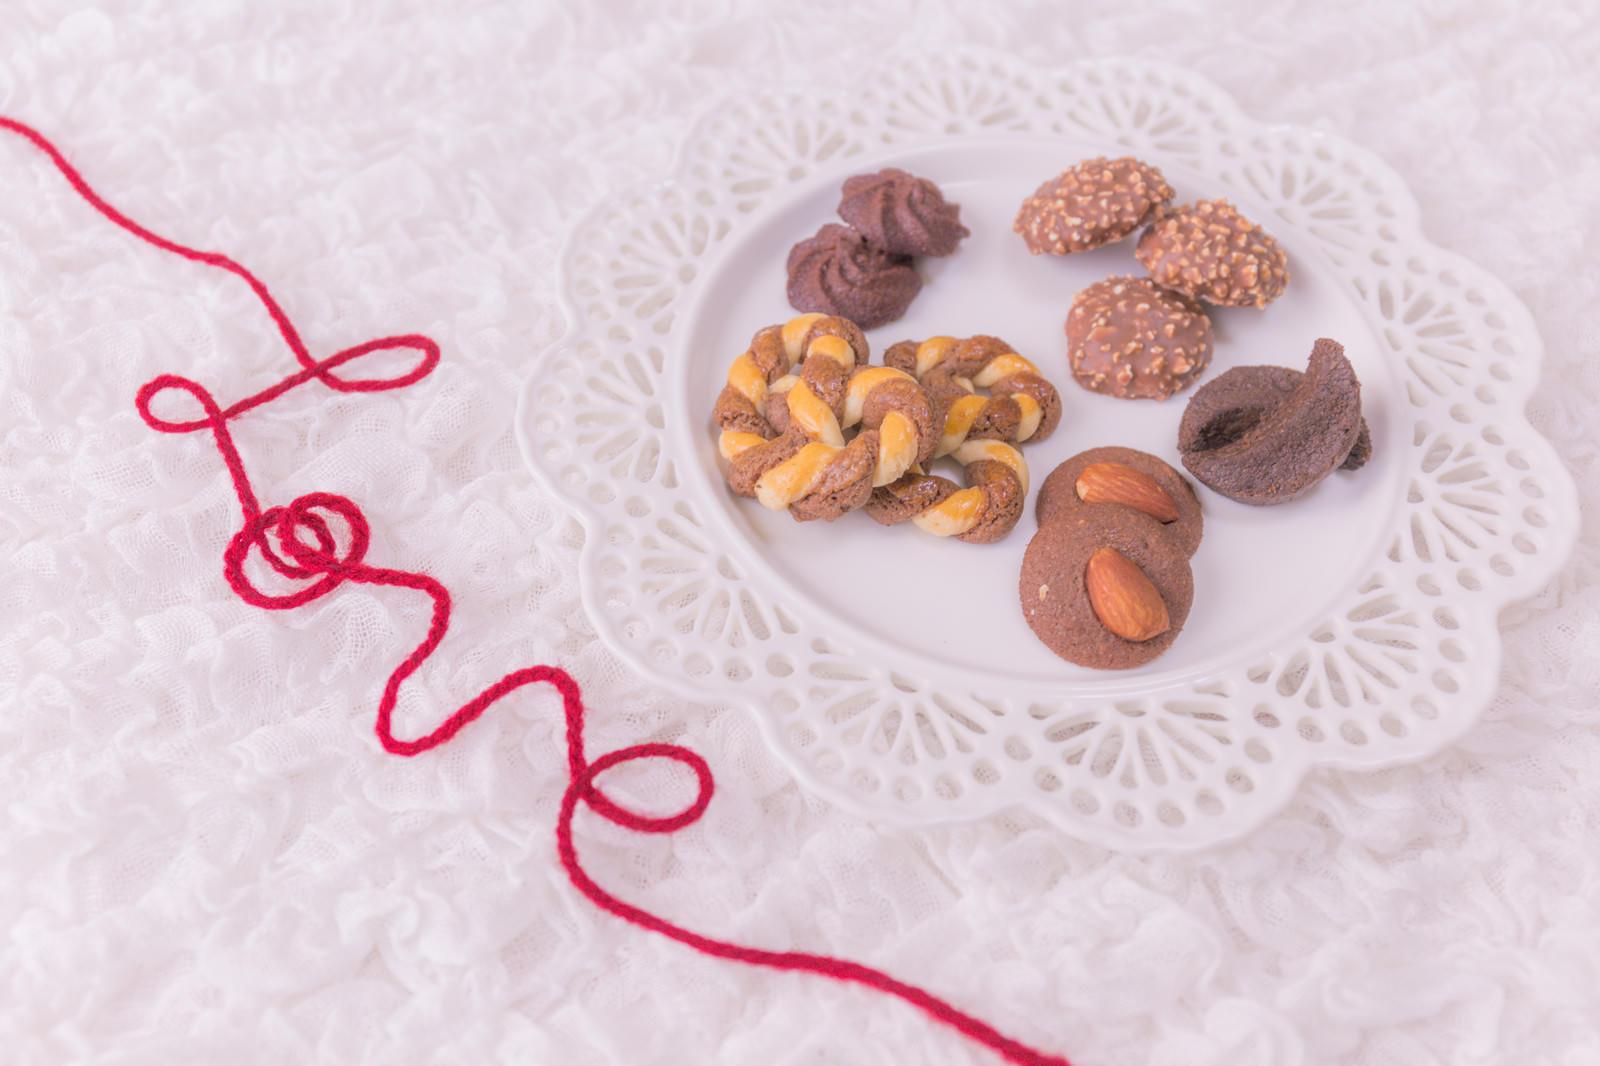 「運命の赤い糸とクッキー」の写真